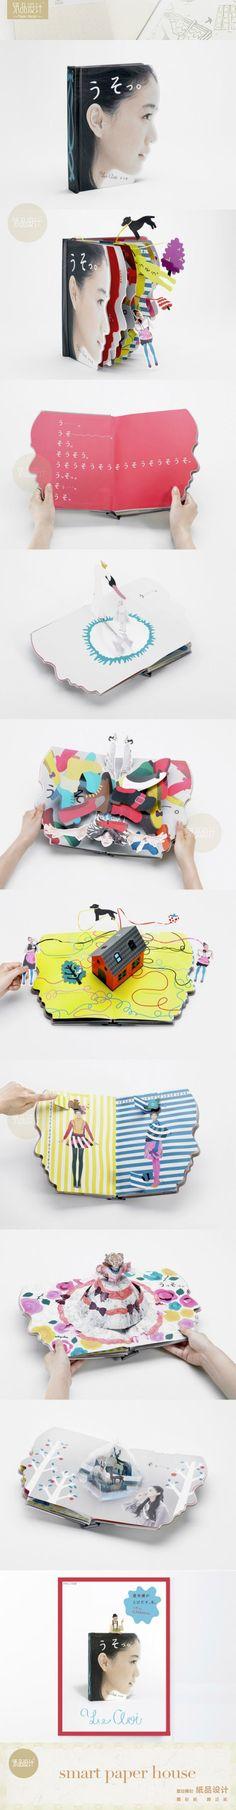 日本女演员苍井优( 本名夏井优) 写真,很有意思的书籍装帧 Smart paper house. PD: